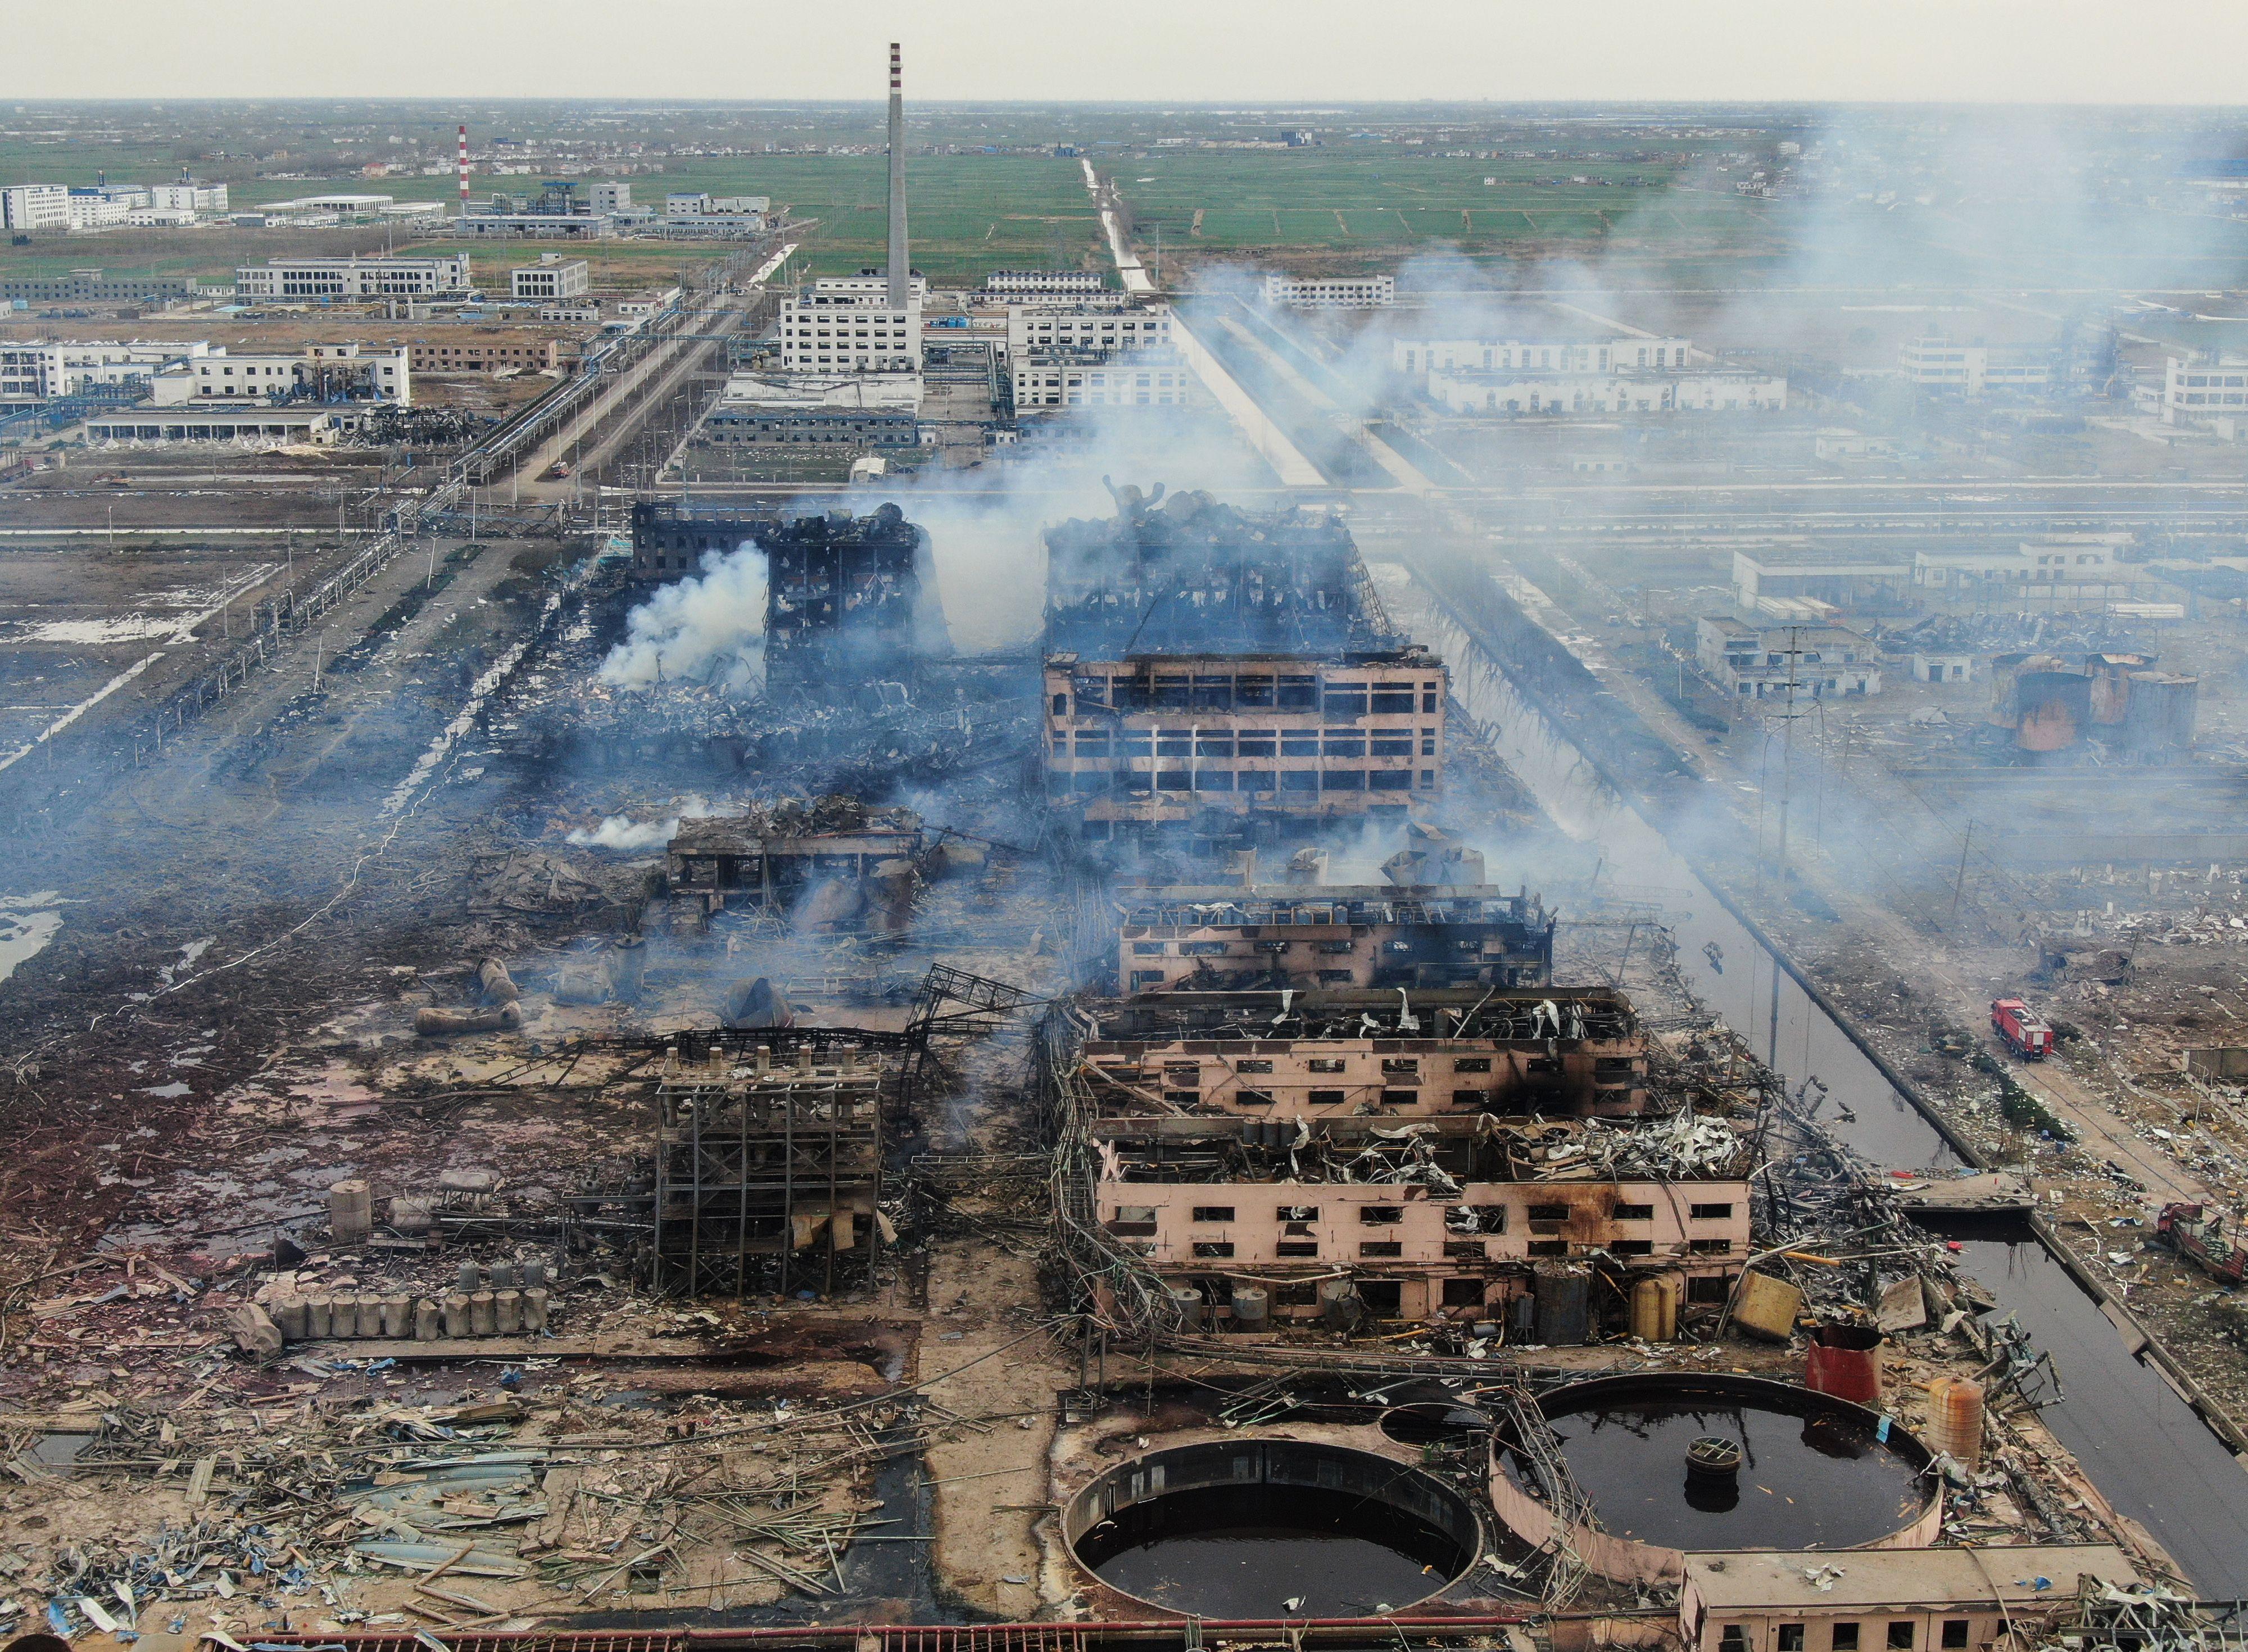 環保人士調查江蘇爆炸現場 被中共公安帶走